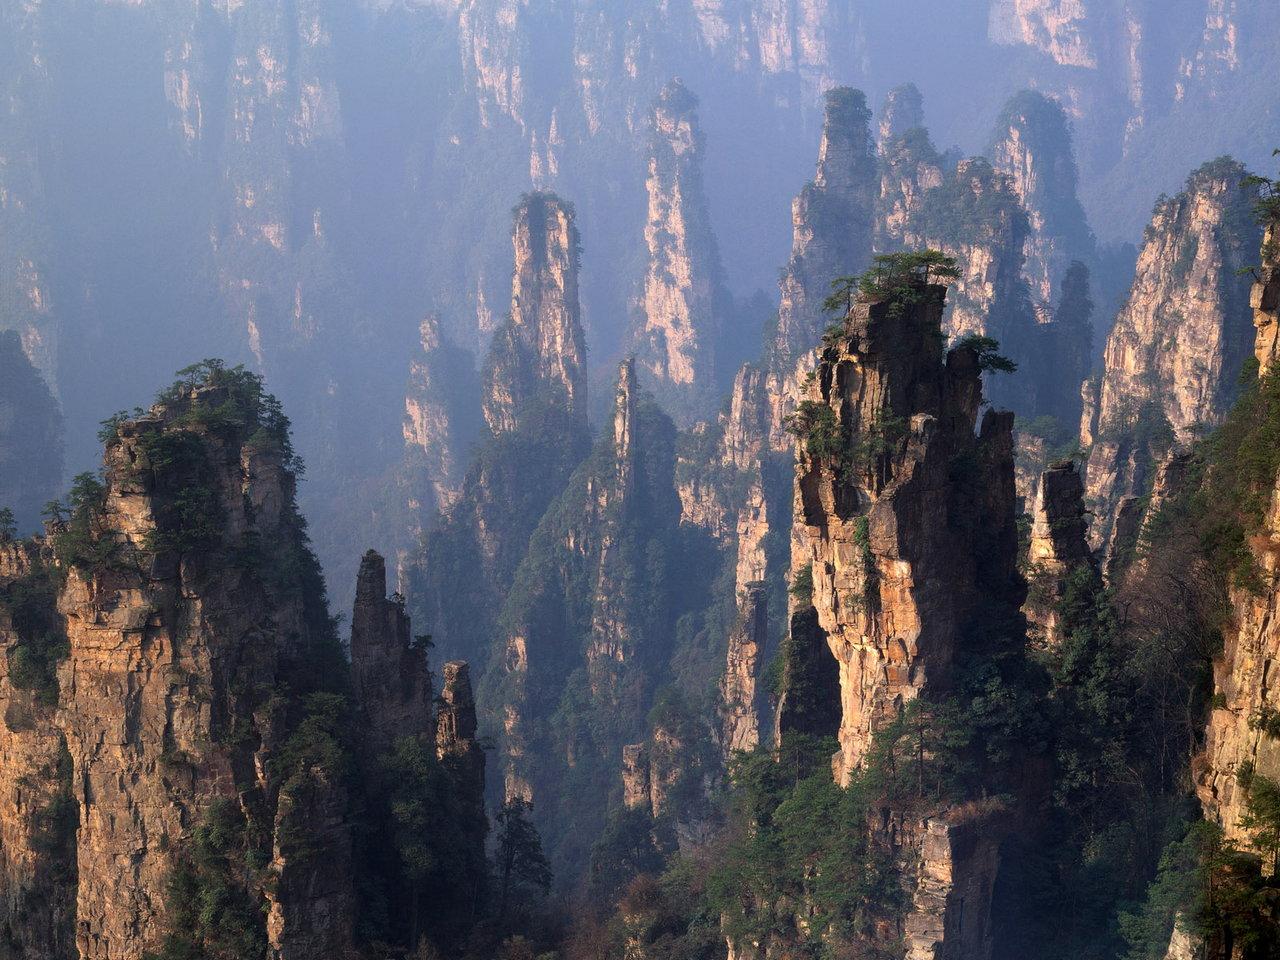 овощей самые красивые места китая фото родине шервуд